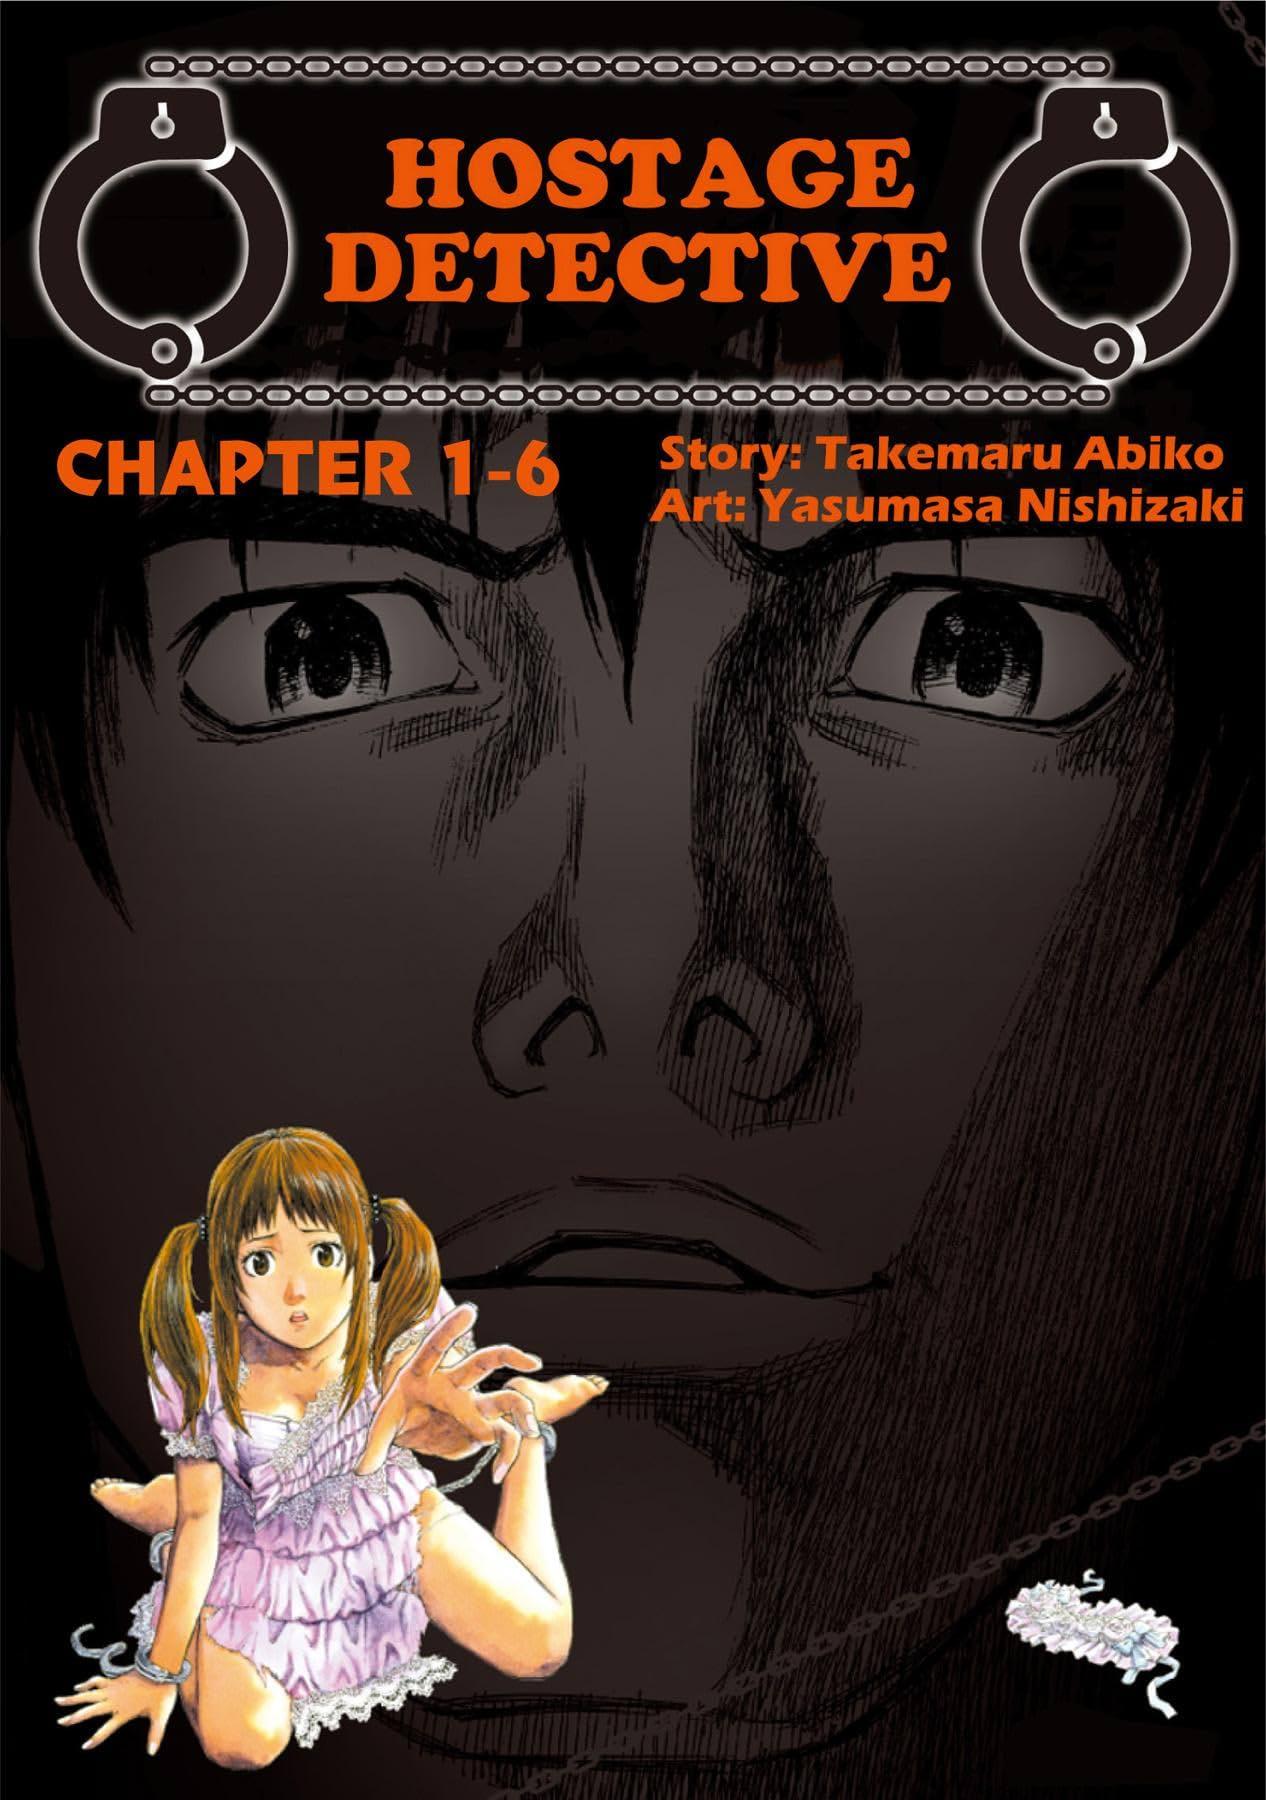 HOSTAGE DETECTIVE #6